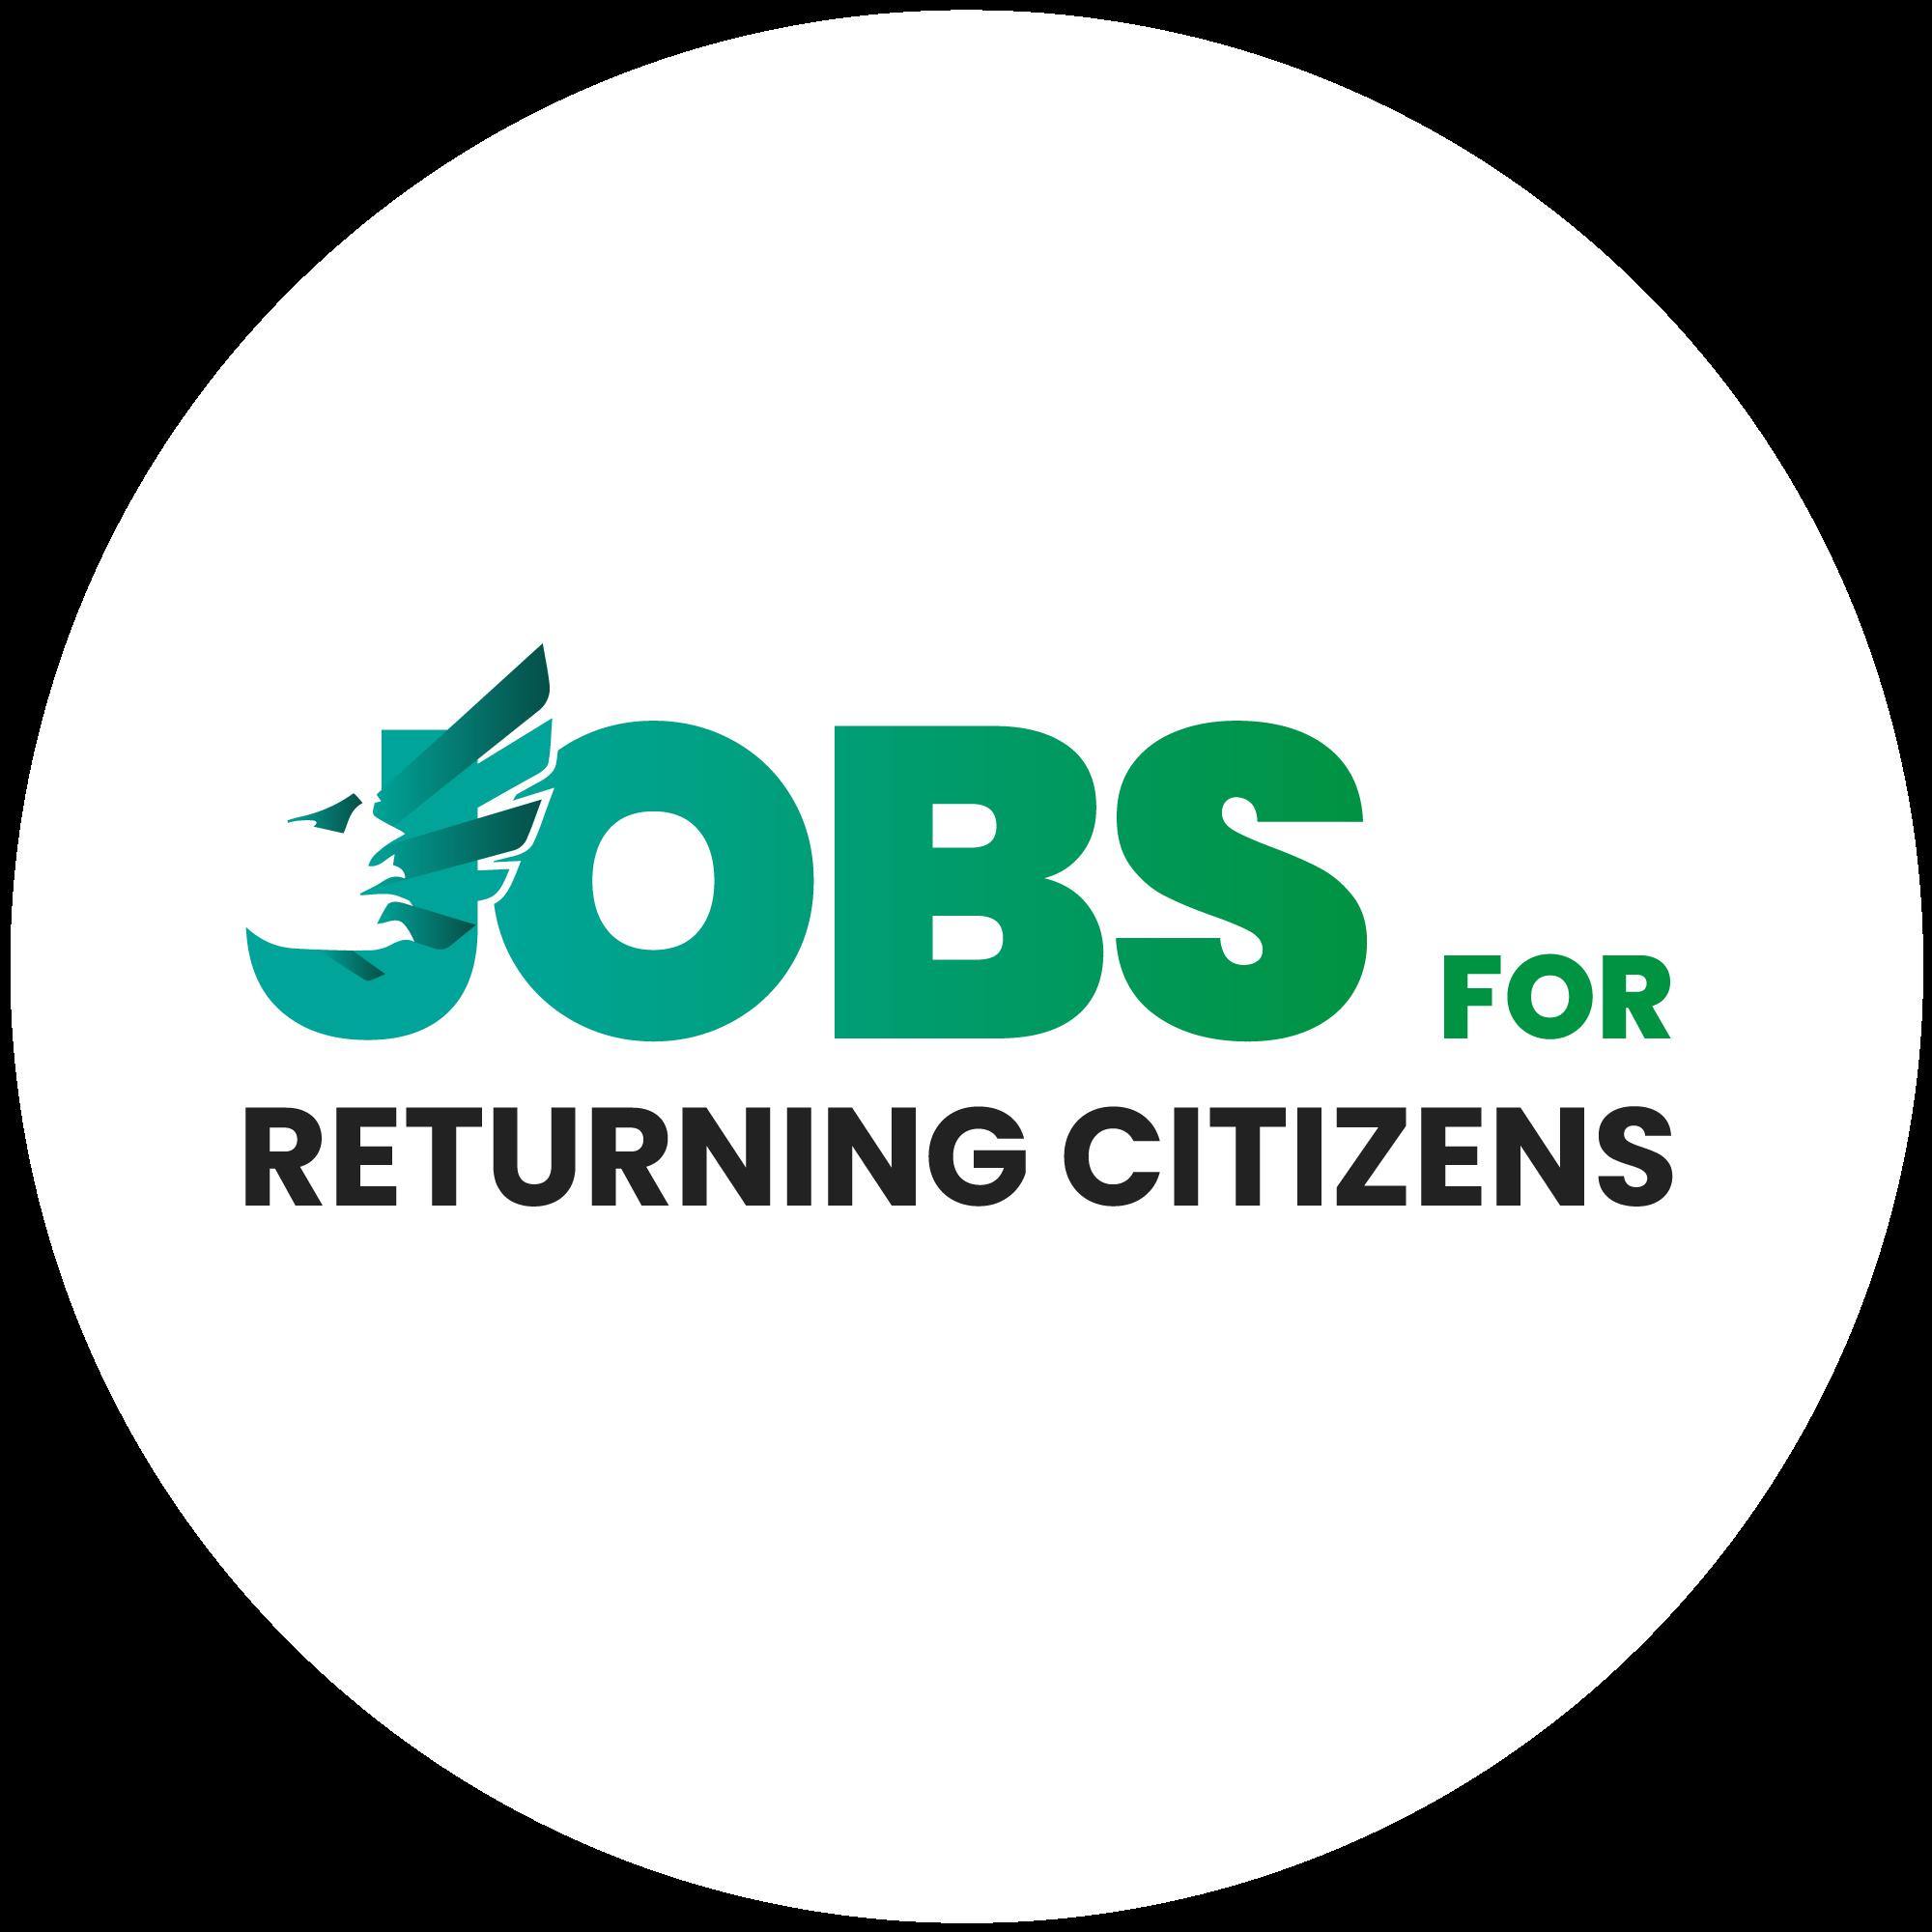 Jobs for Returning Citizens